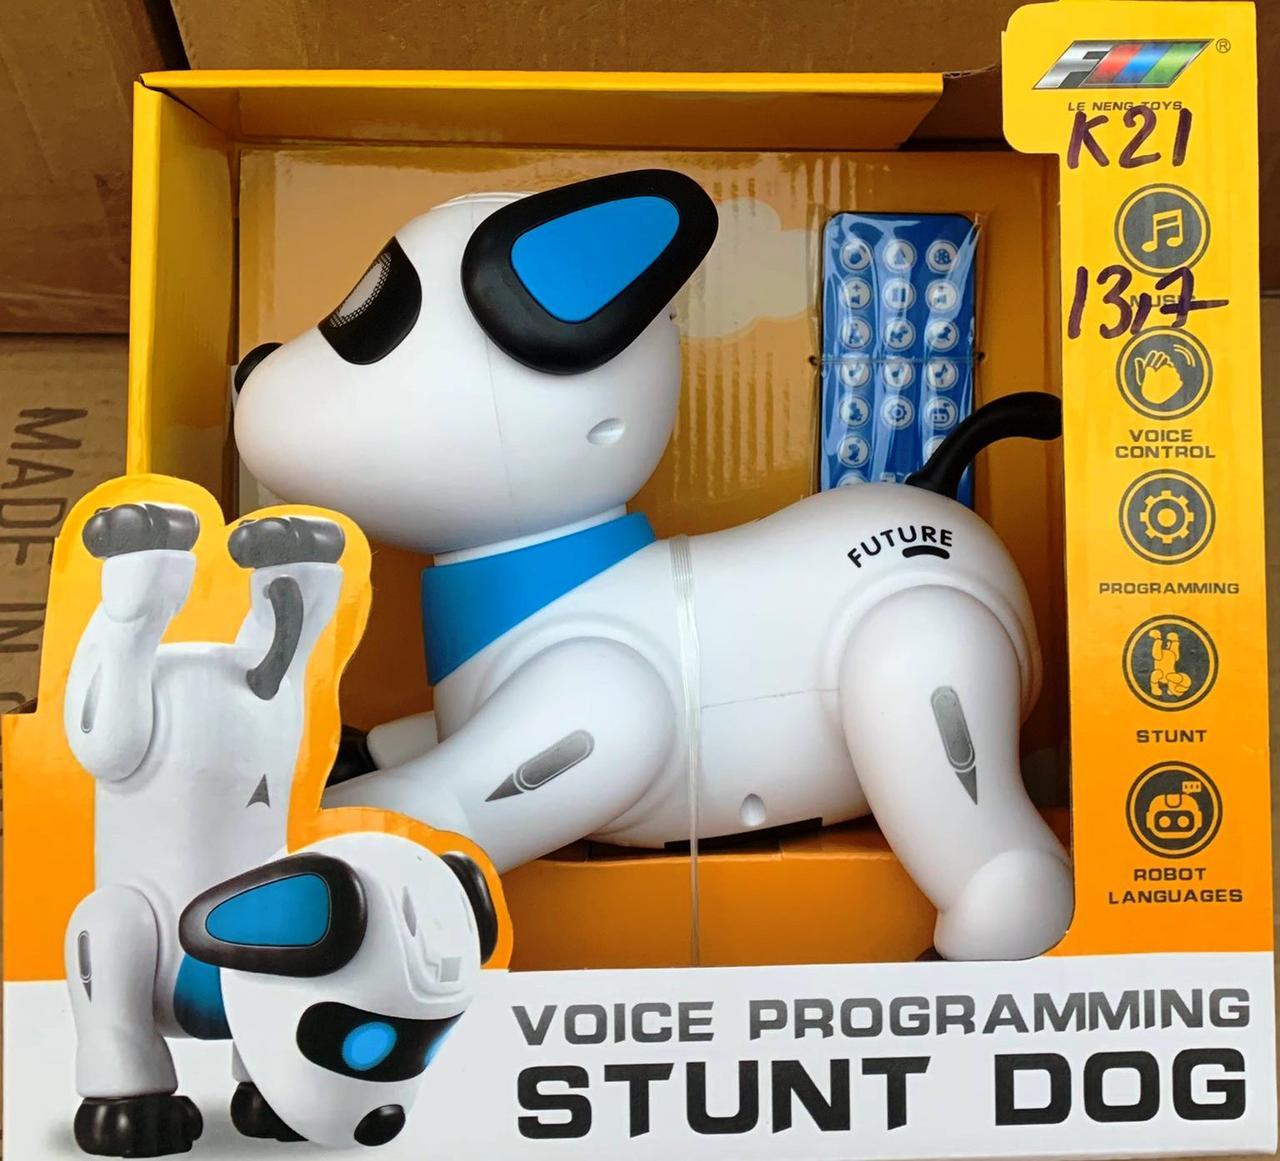 Робот собака на радиоуправлении Stunt Dog К 21